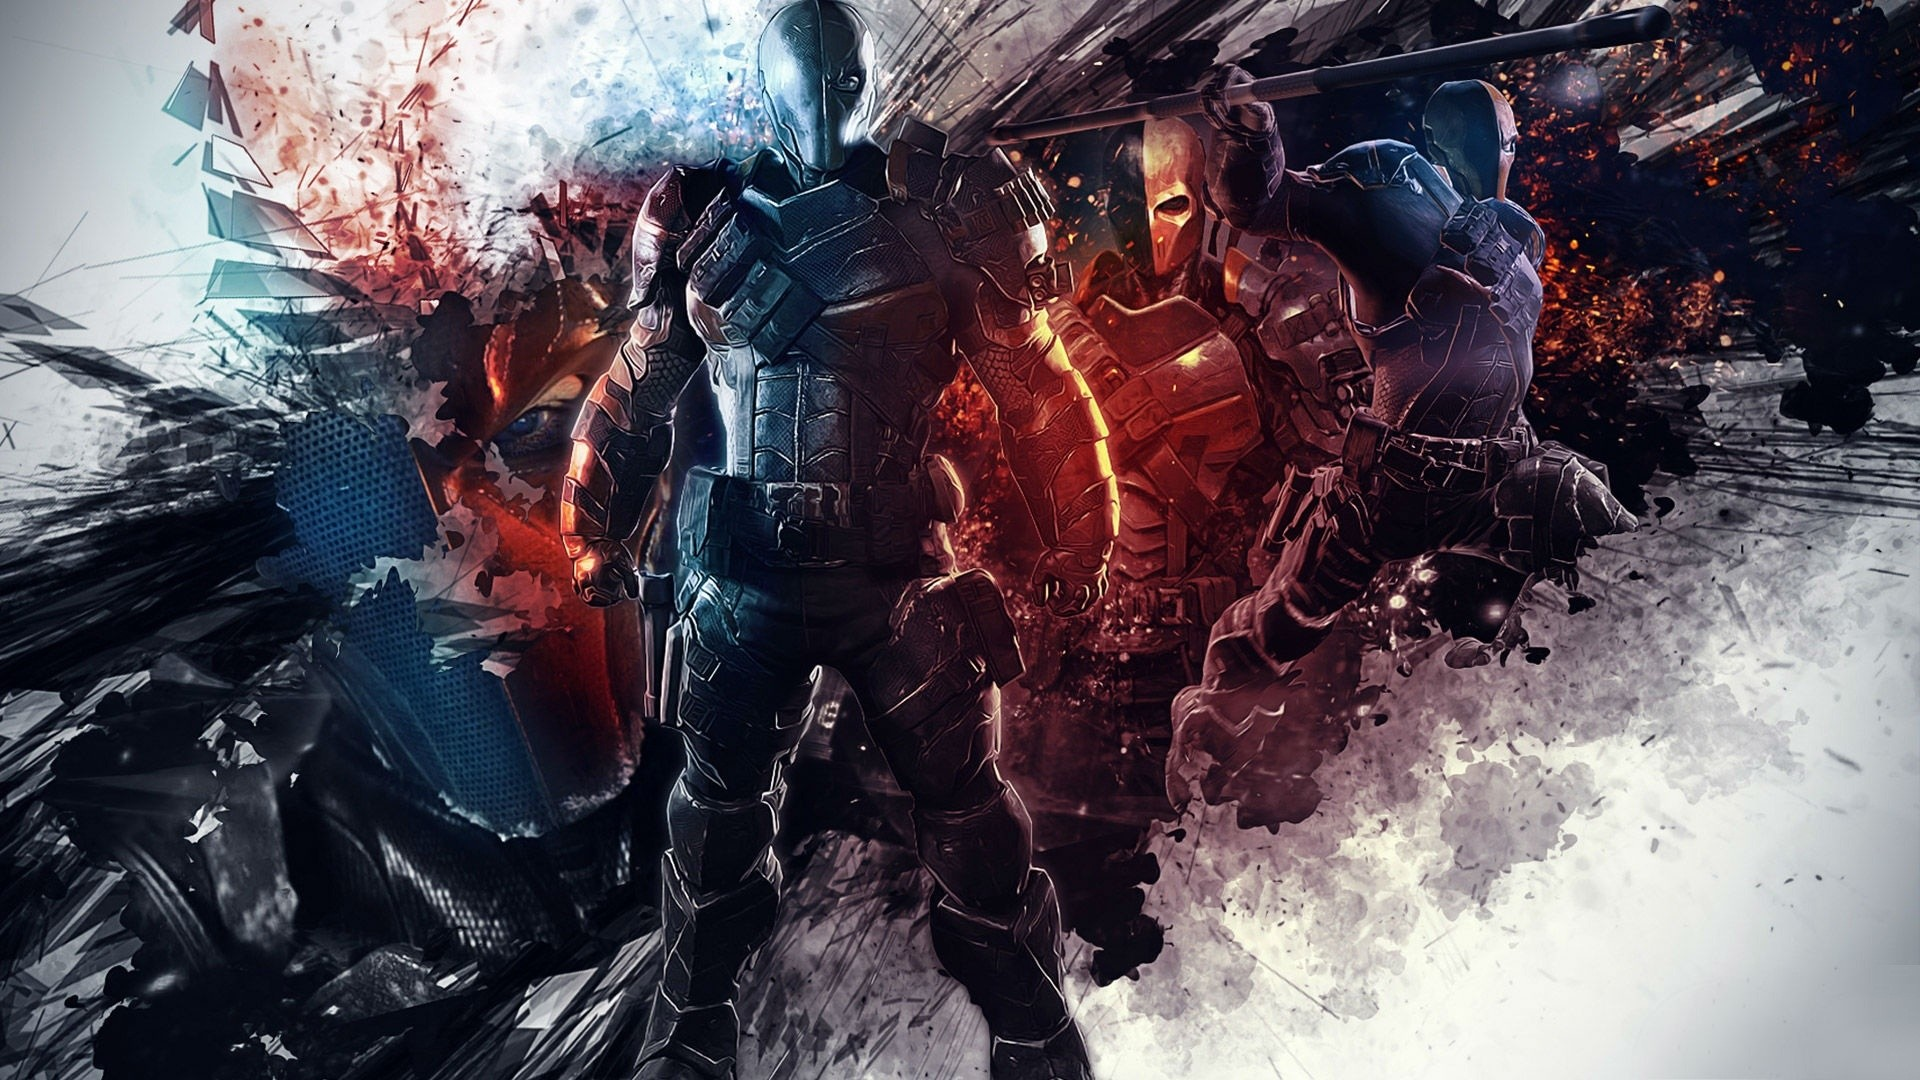 Batman Arkham Origins DeathStroke Wallpaper by TheSyanArt